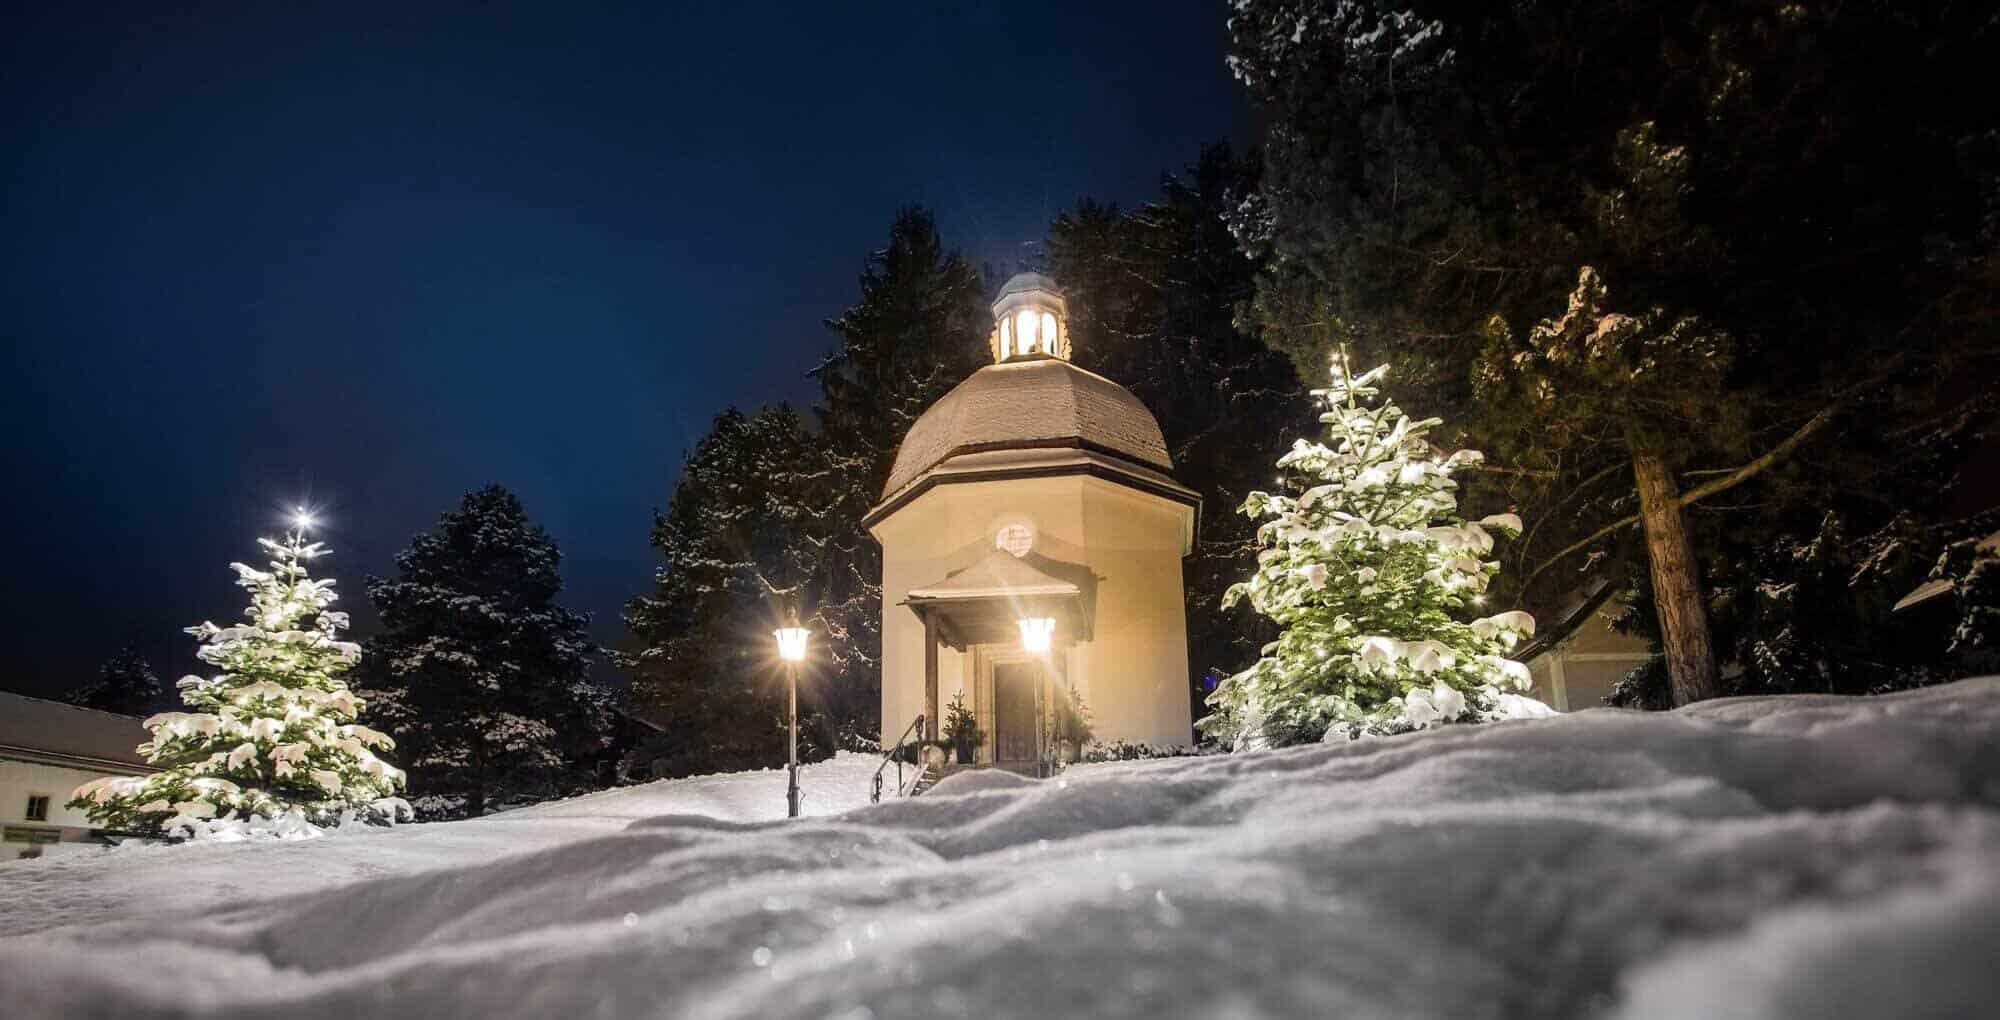 Stille-nacht-kapelle-oberndorf in Salzburgerland